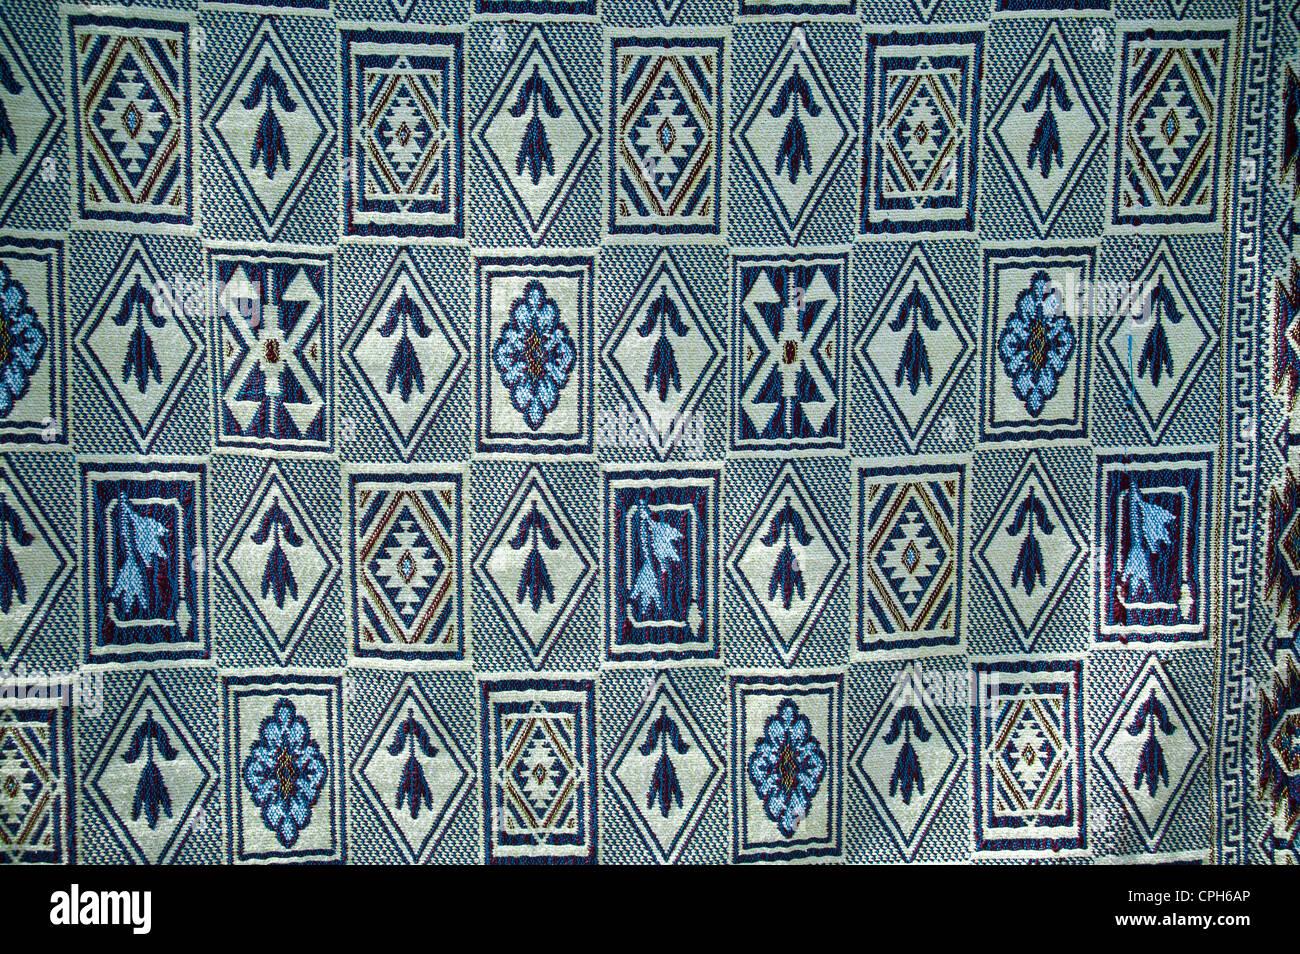 0695e93ab96a Artisanat présent, de souvenirs, de matériel, de matériaux, les textiles,  la mercerie, tissus, écharpe, la Turquie, la Riviera turque, textiles, sec g